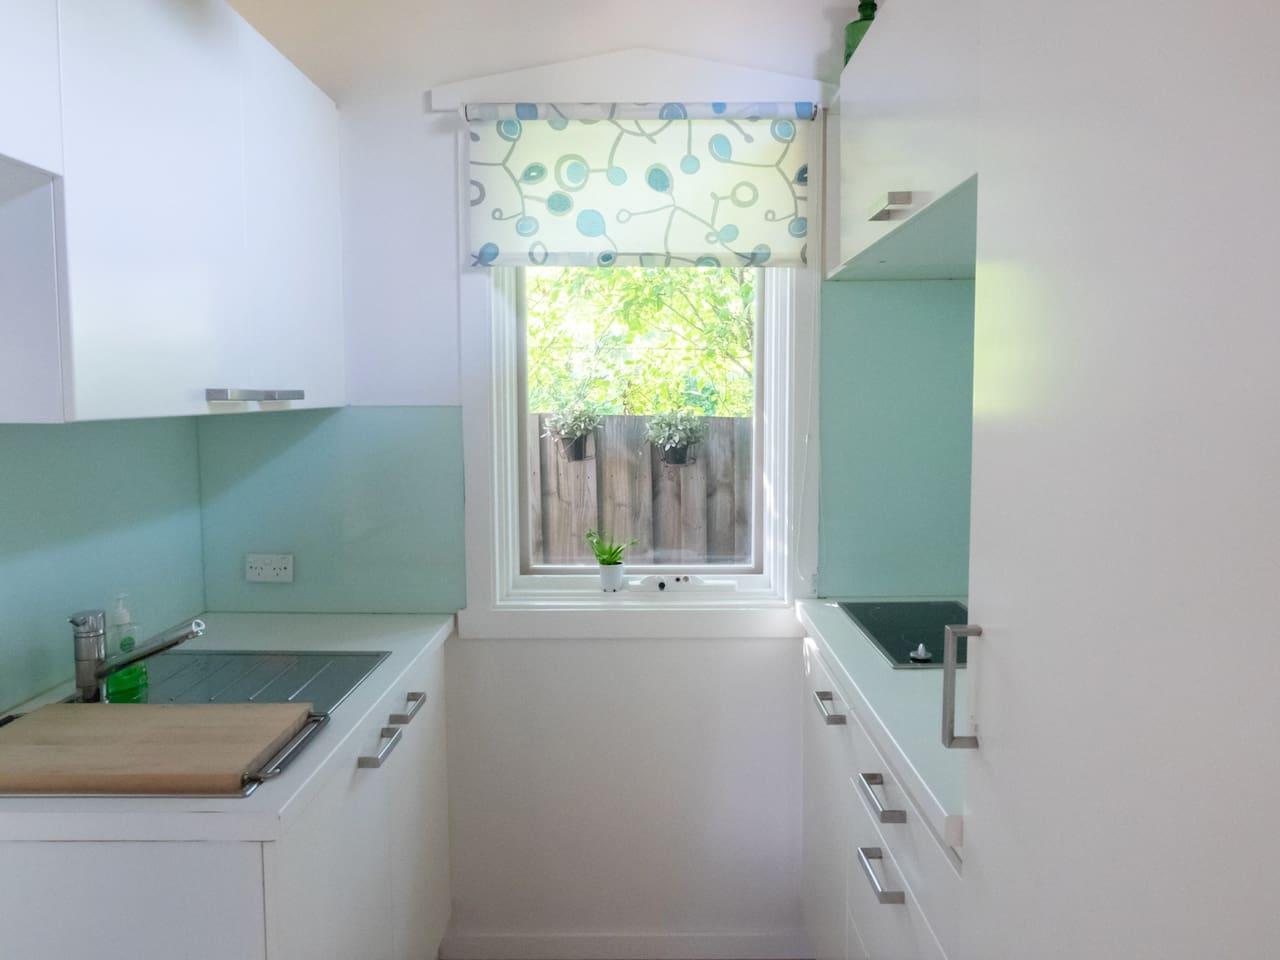 Modern galley style kitchenette